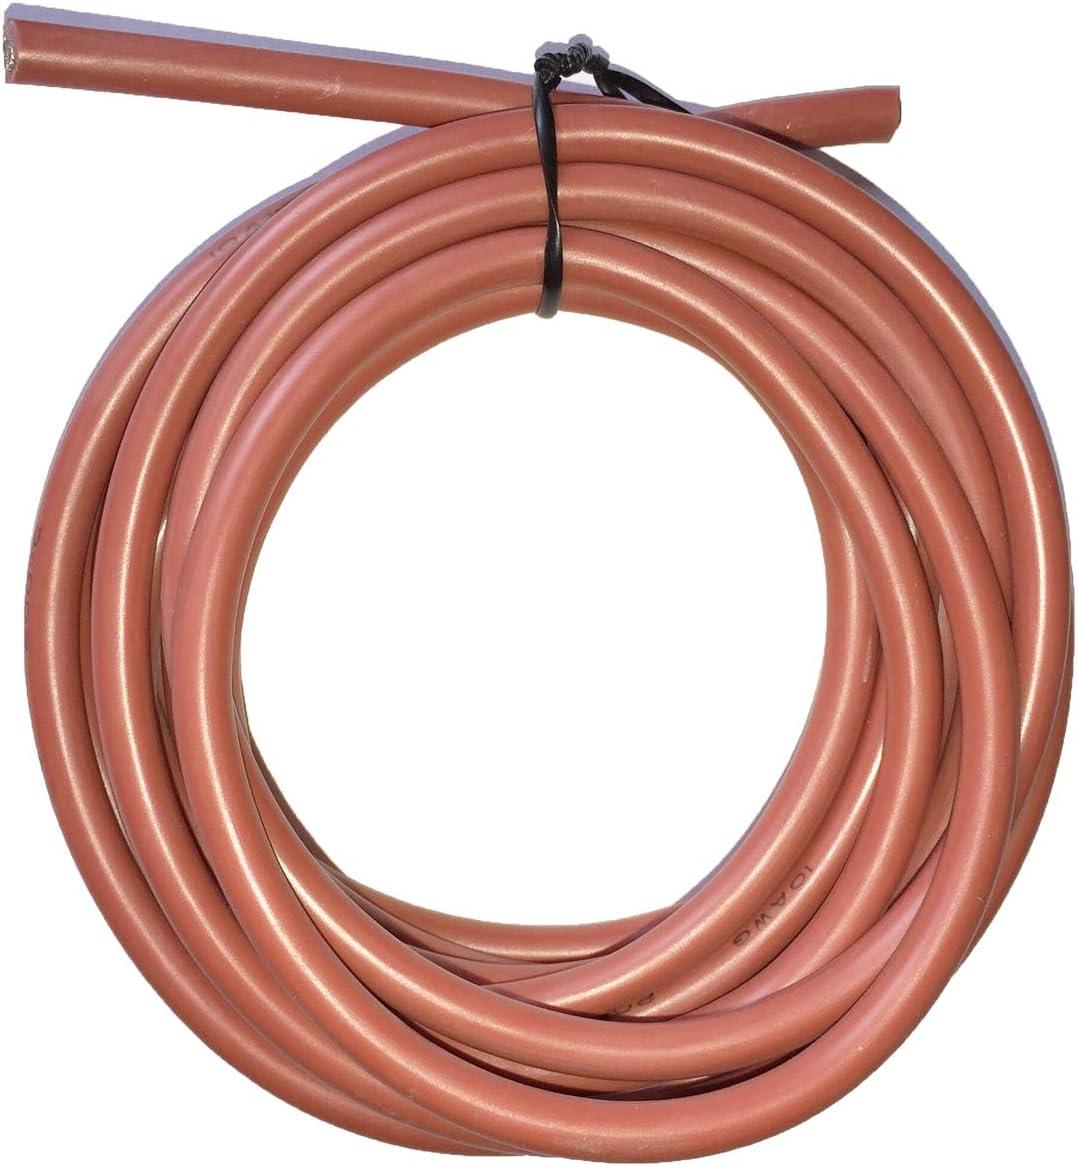 200 /° C 5 x 4m/ètres 60 /° C NorthPada 18 AWG 0,82mm/² Kit de Fil /électrique torons Fils de silicone Fil /étam/é C/âble Cable de cuivre 5 Couleur pour circuit imprim/é PCB 600V 7,5A